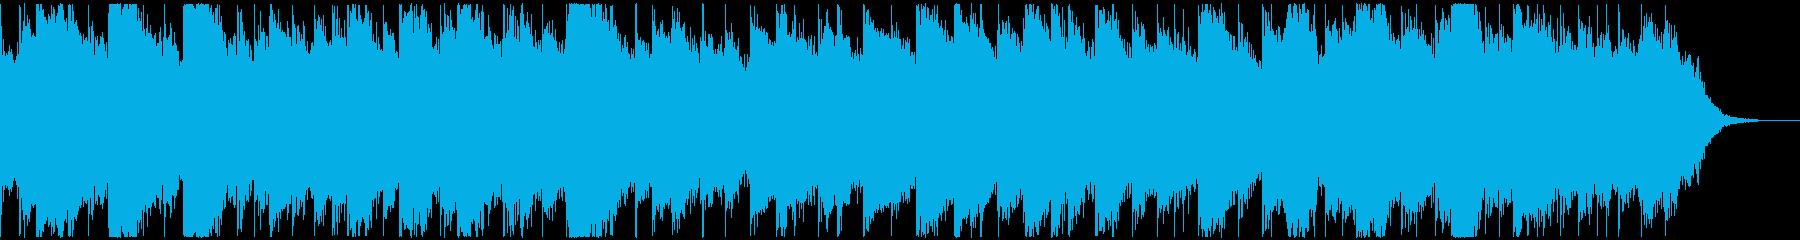 宇宙人の交信のような歪んだ金属音の再生済みの波形